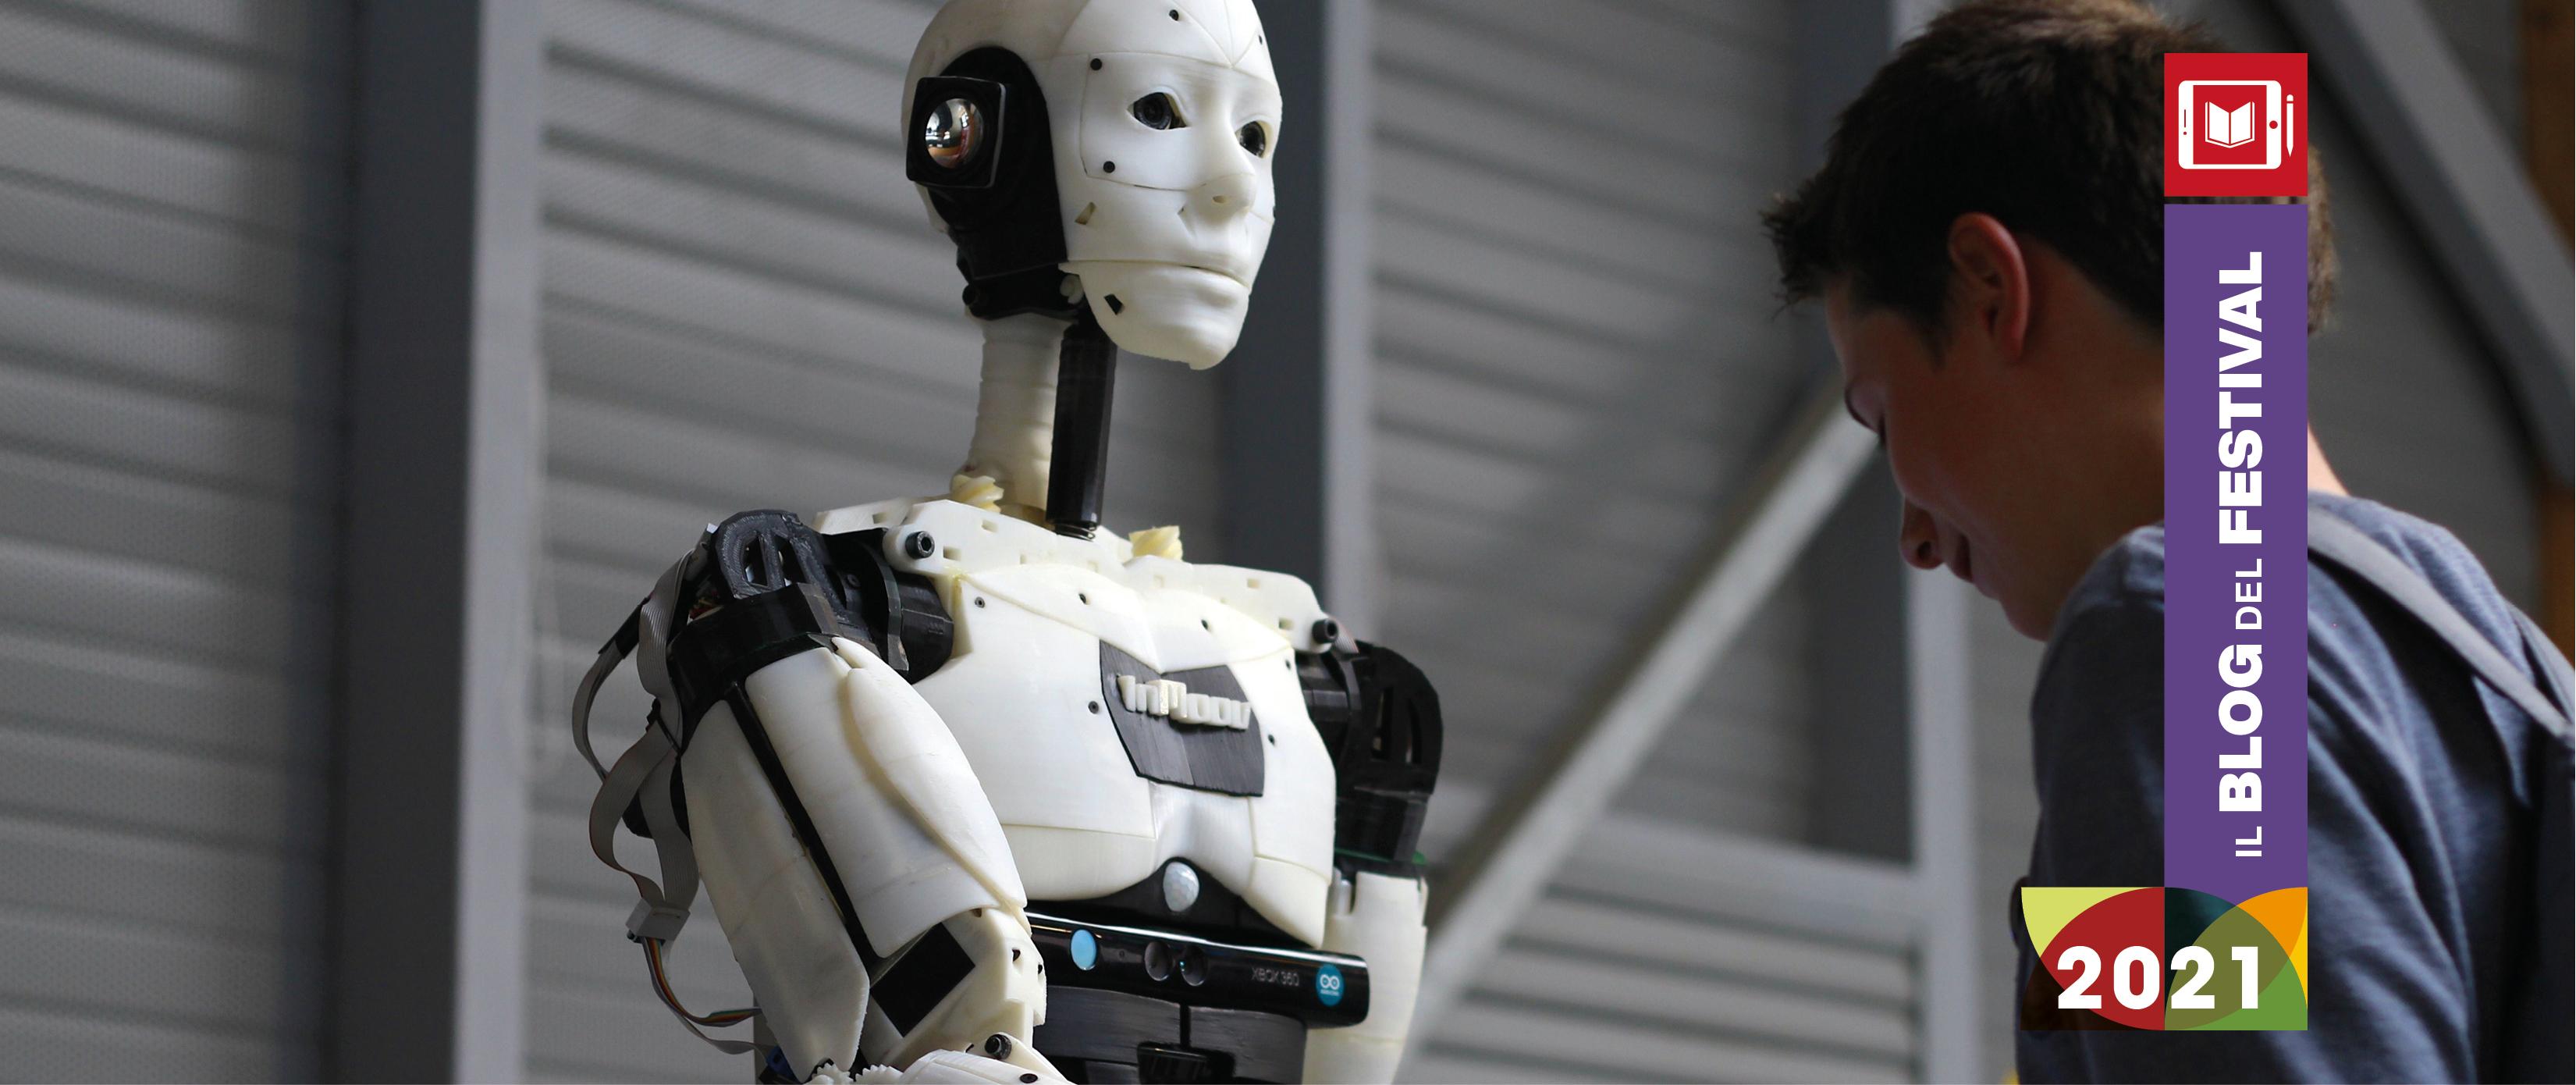 Esperti di cyber security, tecnici per la manutenzione dei robot e le altre professioni di cui le aziende hanno bisogno